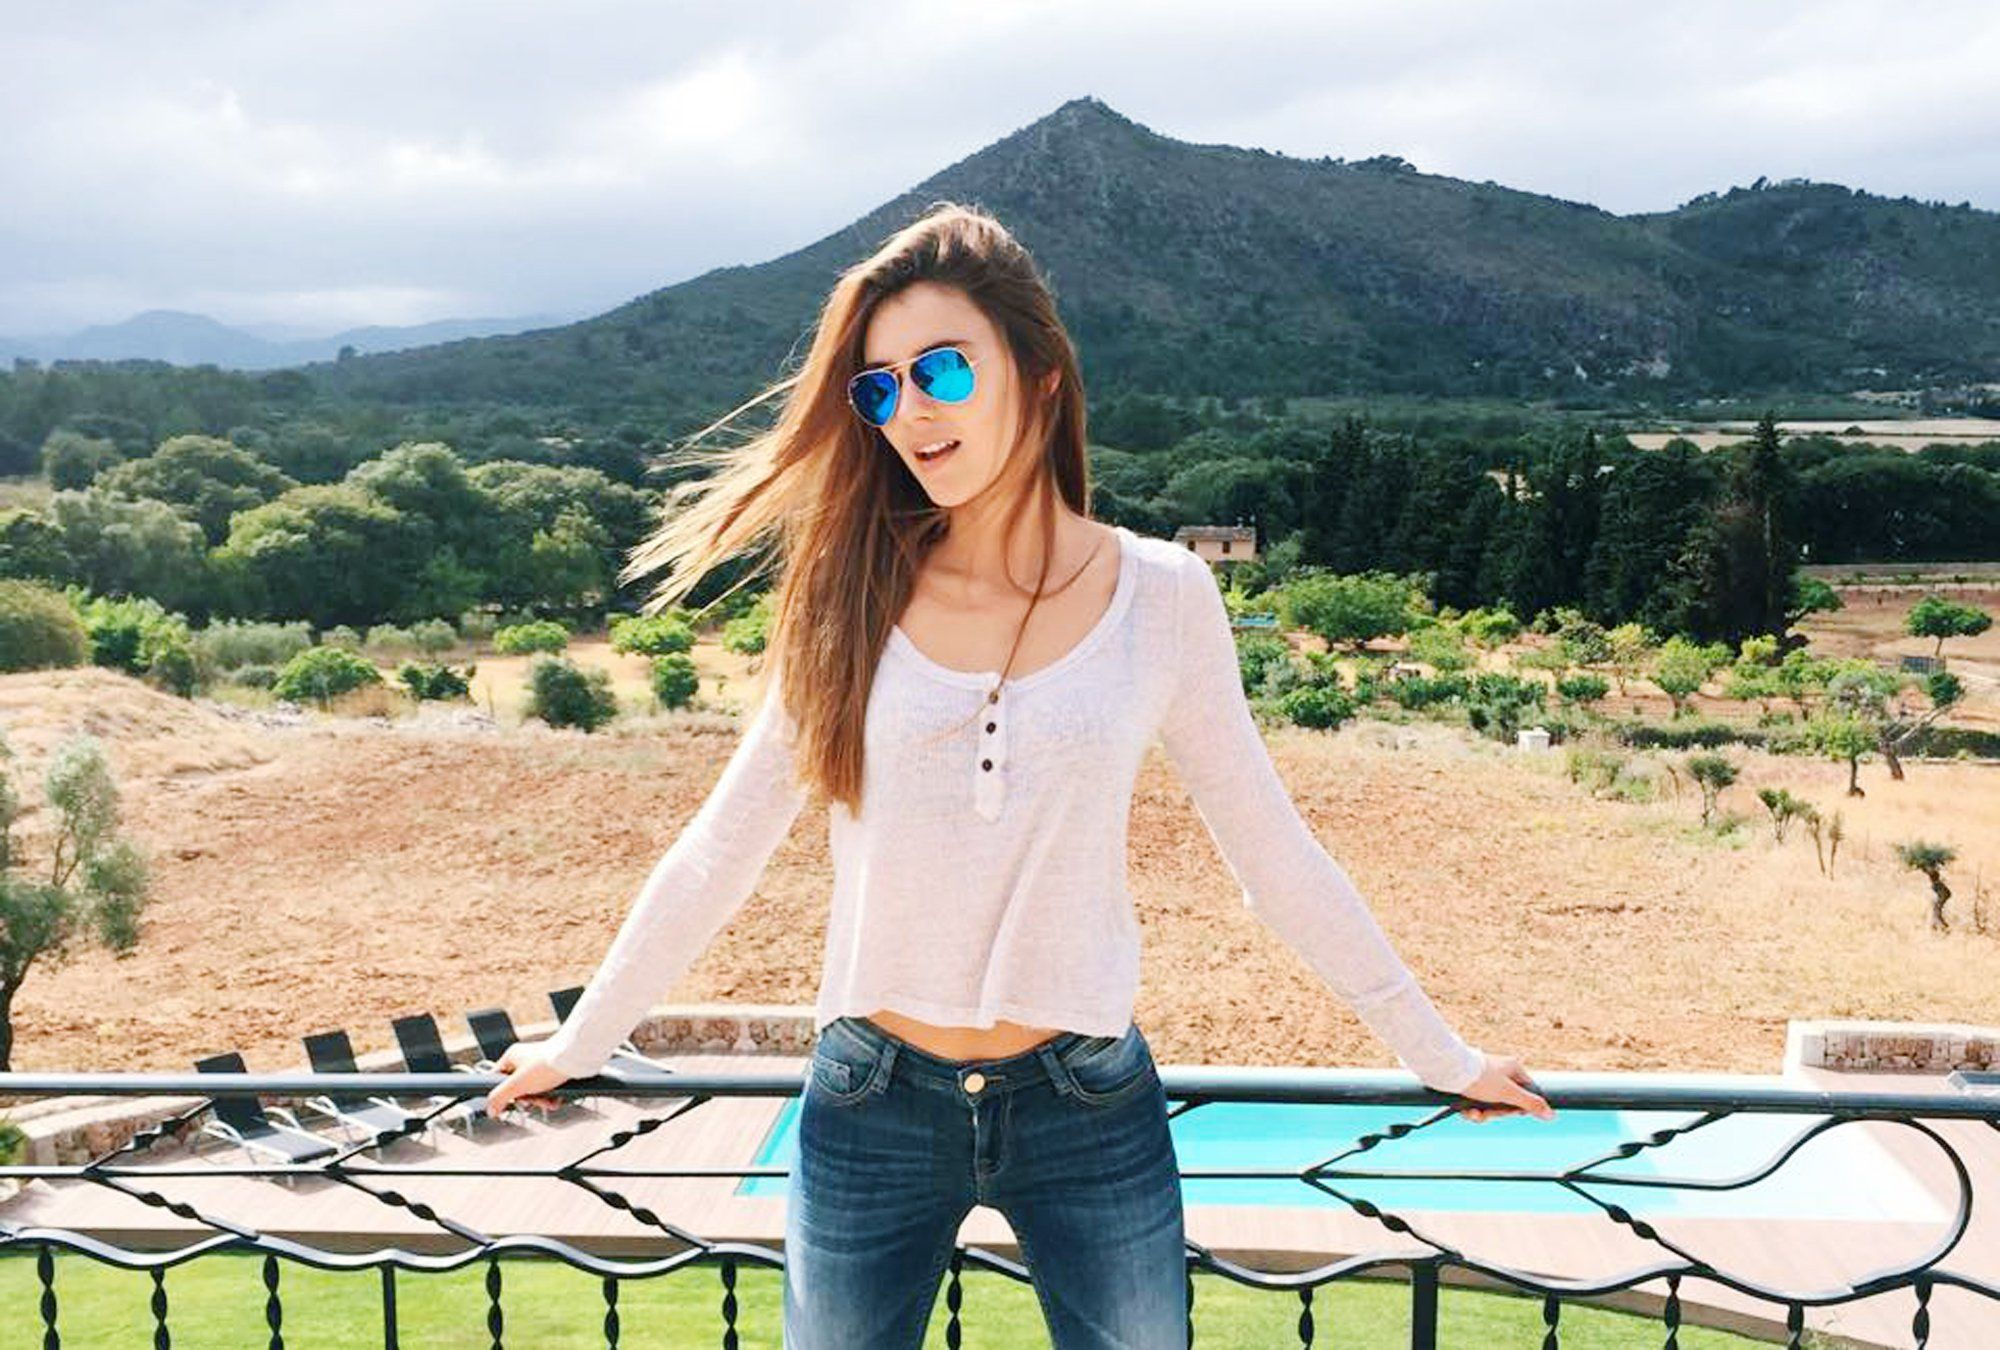 Stefanie Giesinger ist das neue Gesicht des Onlineshops You&Idol – InStyle war beim Fashion-Shooting dabei und hat das Germany's Next Topmodel nach seinen persönlichen Modetrends 2015 gefragt